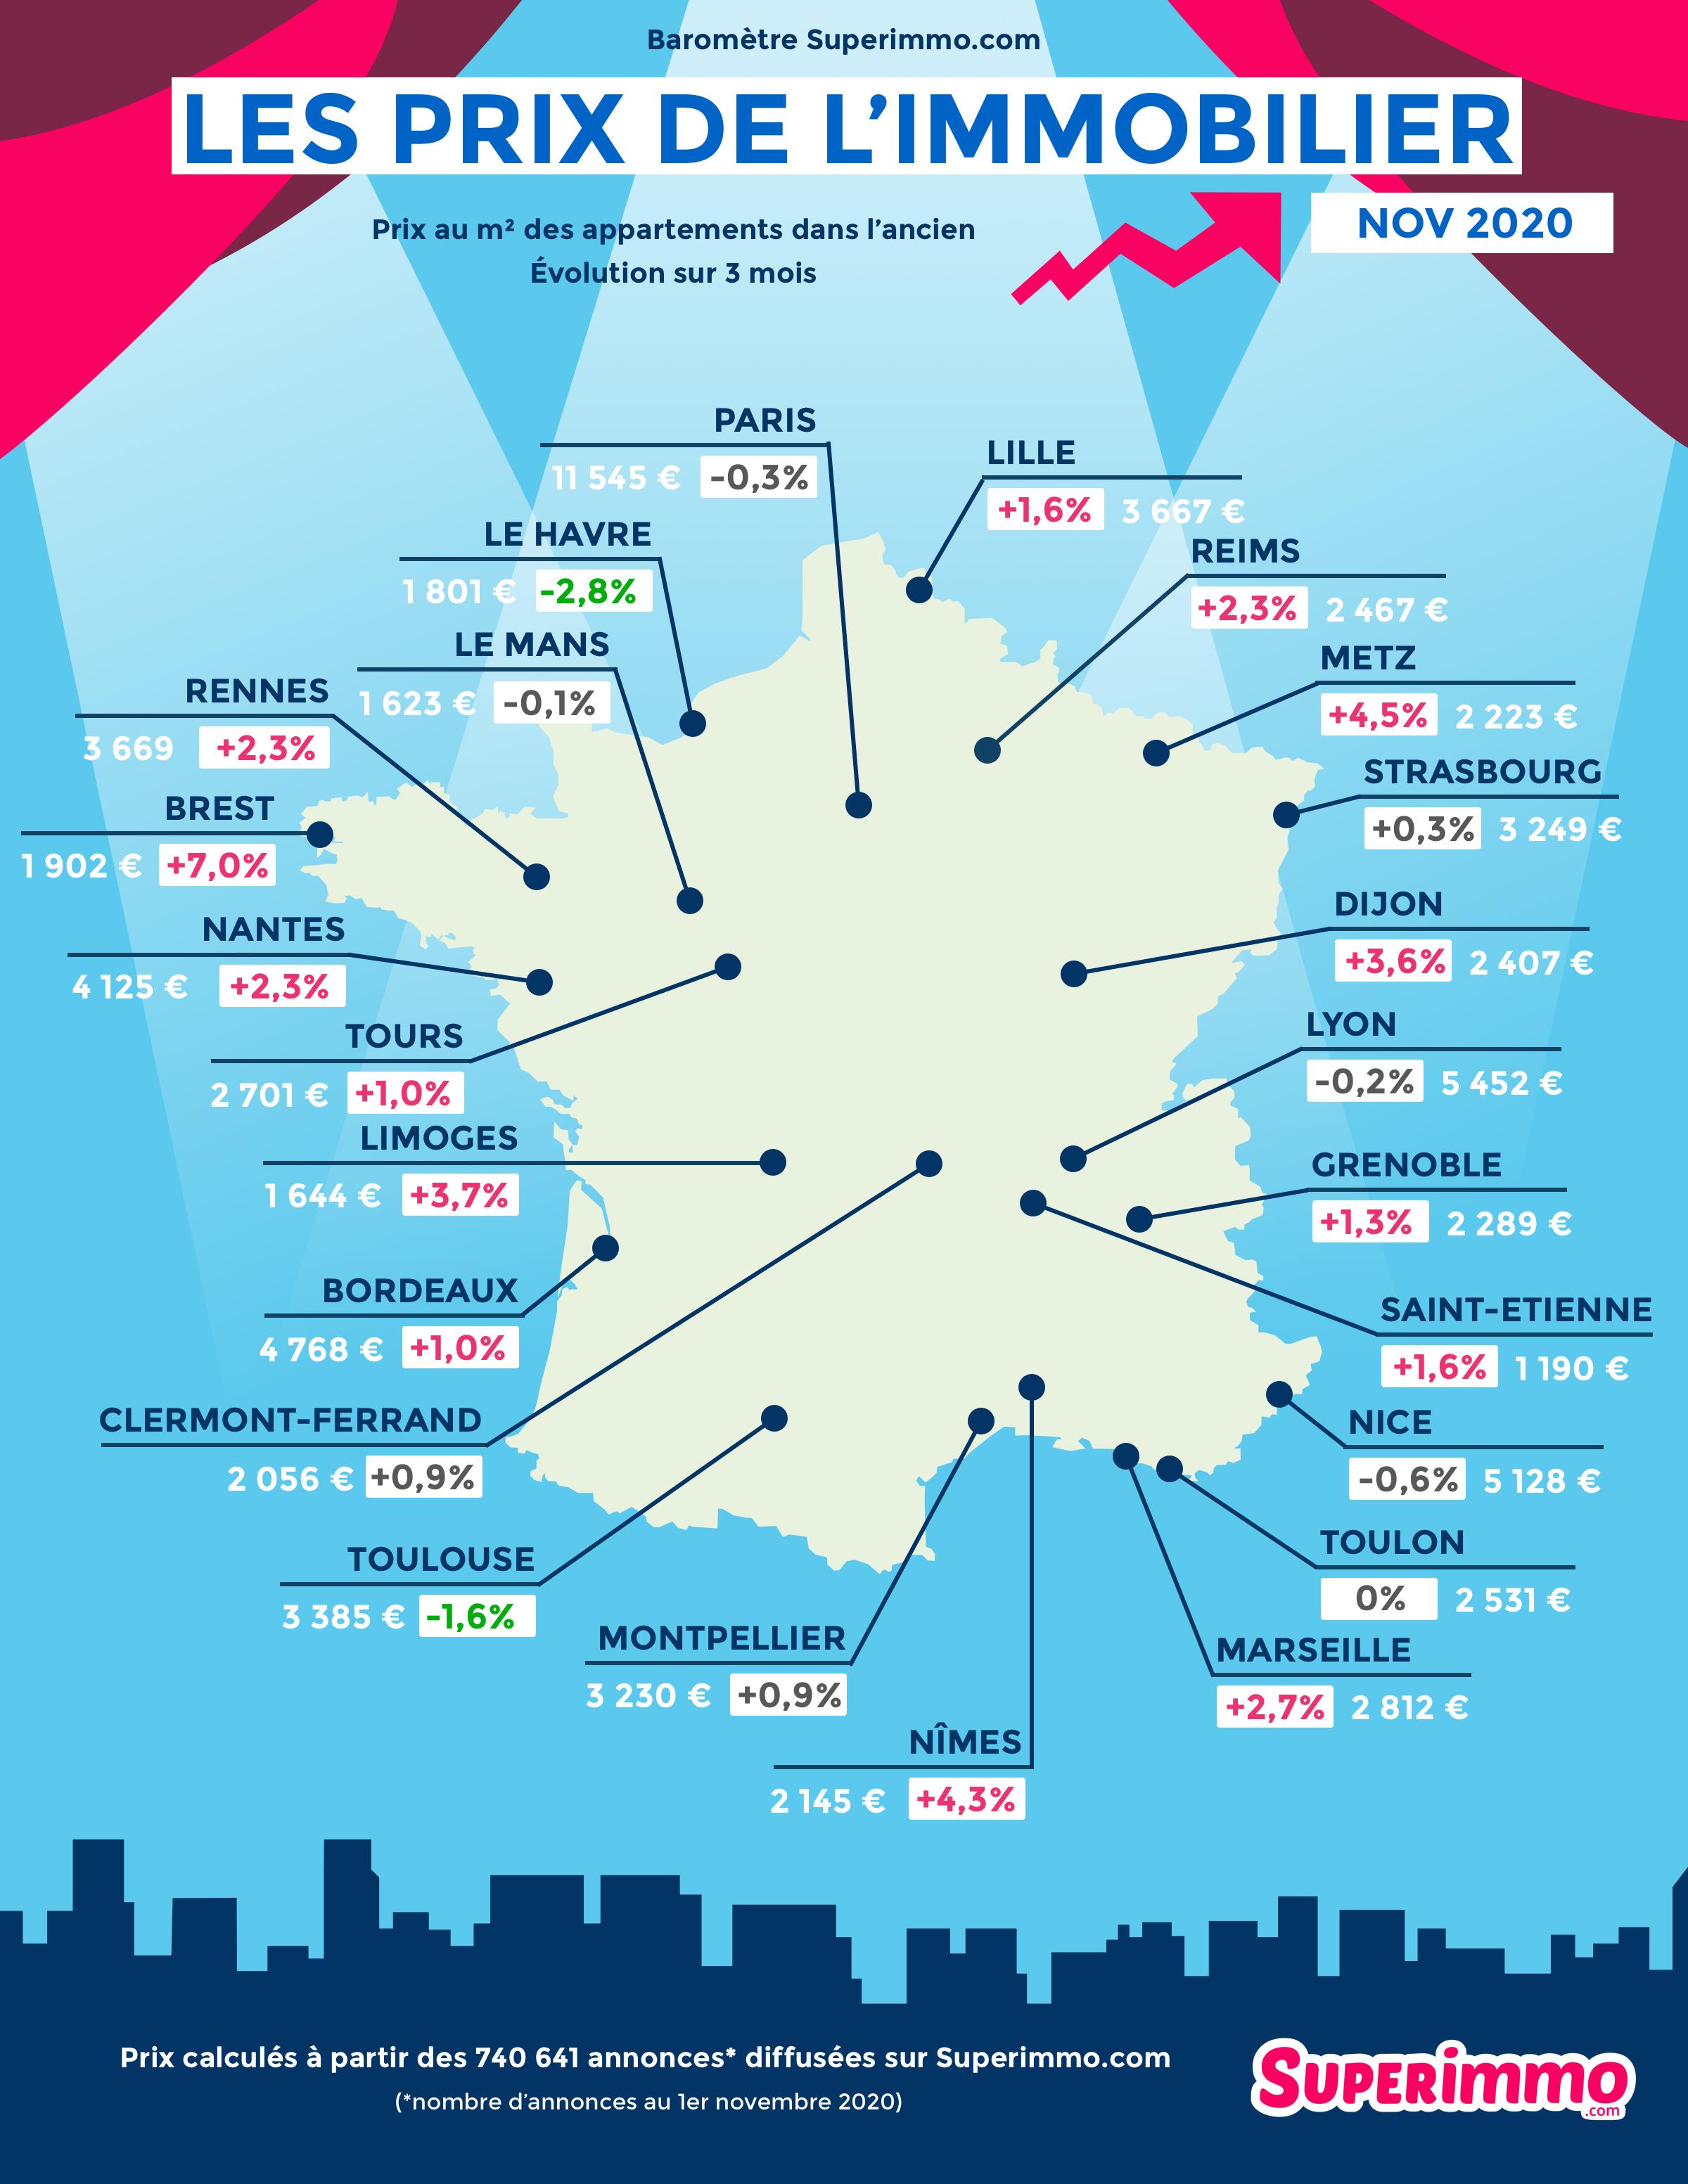 Baromètre des prix de l'immobilier novembre 2020 Superimmo.com